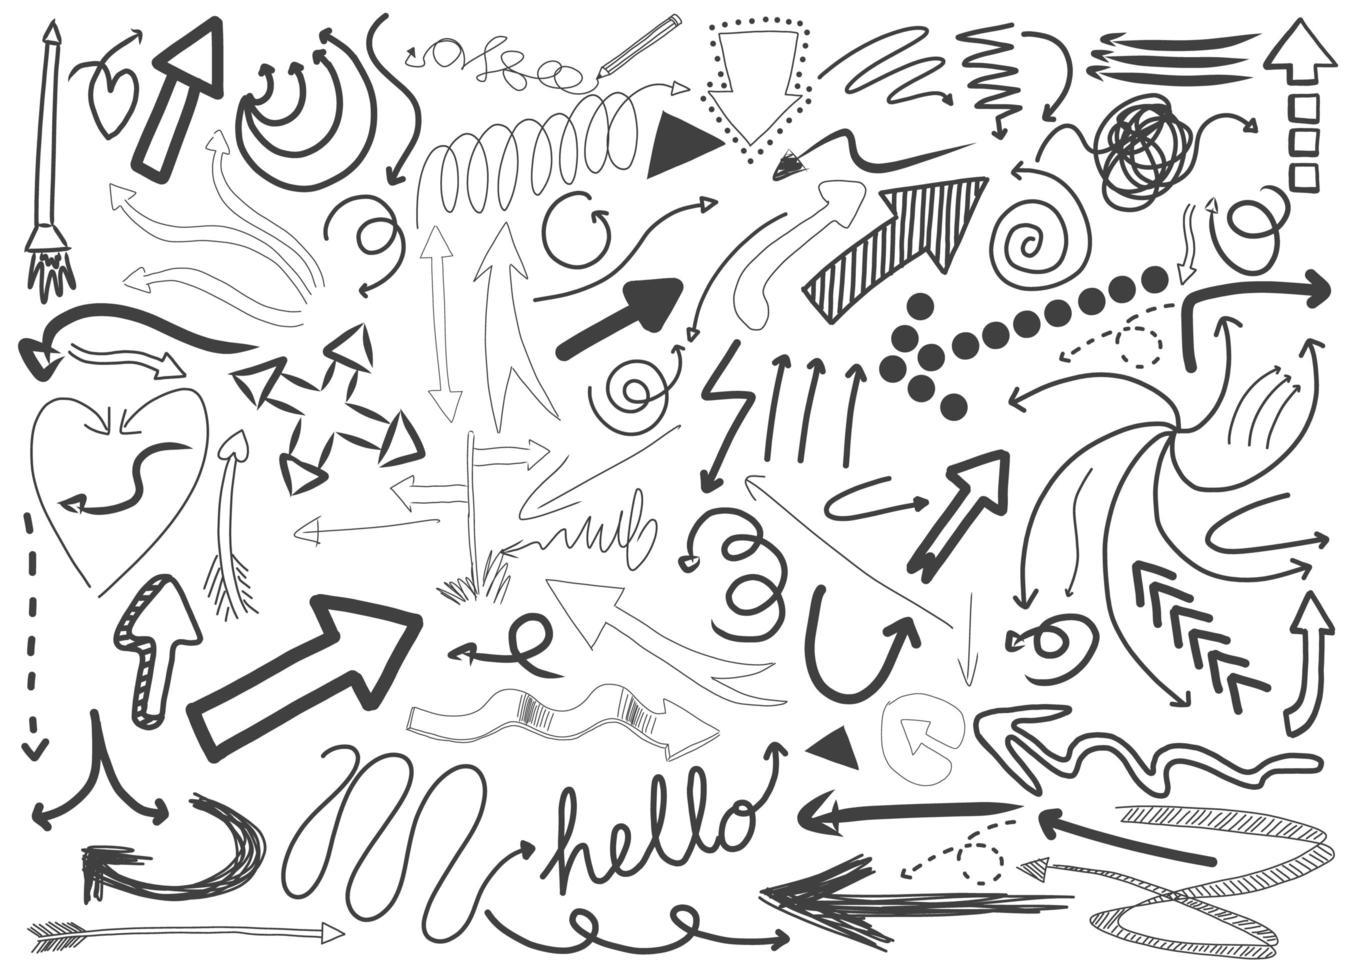 diversi tratti di doodle isolati su sfondo bianco vettore